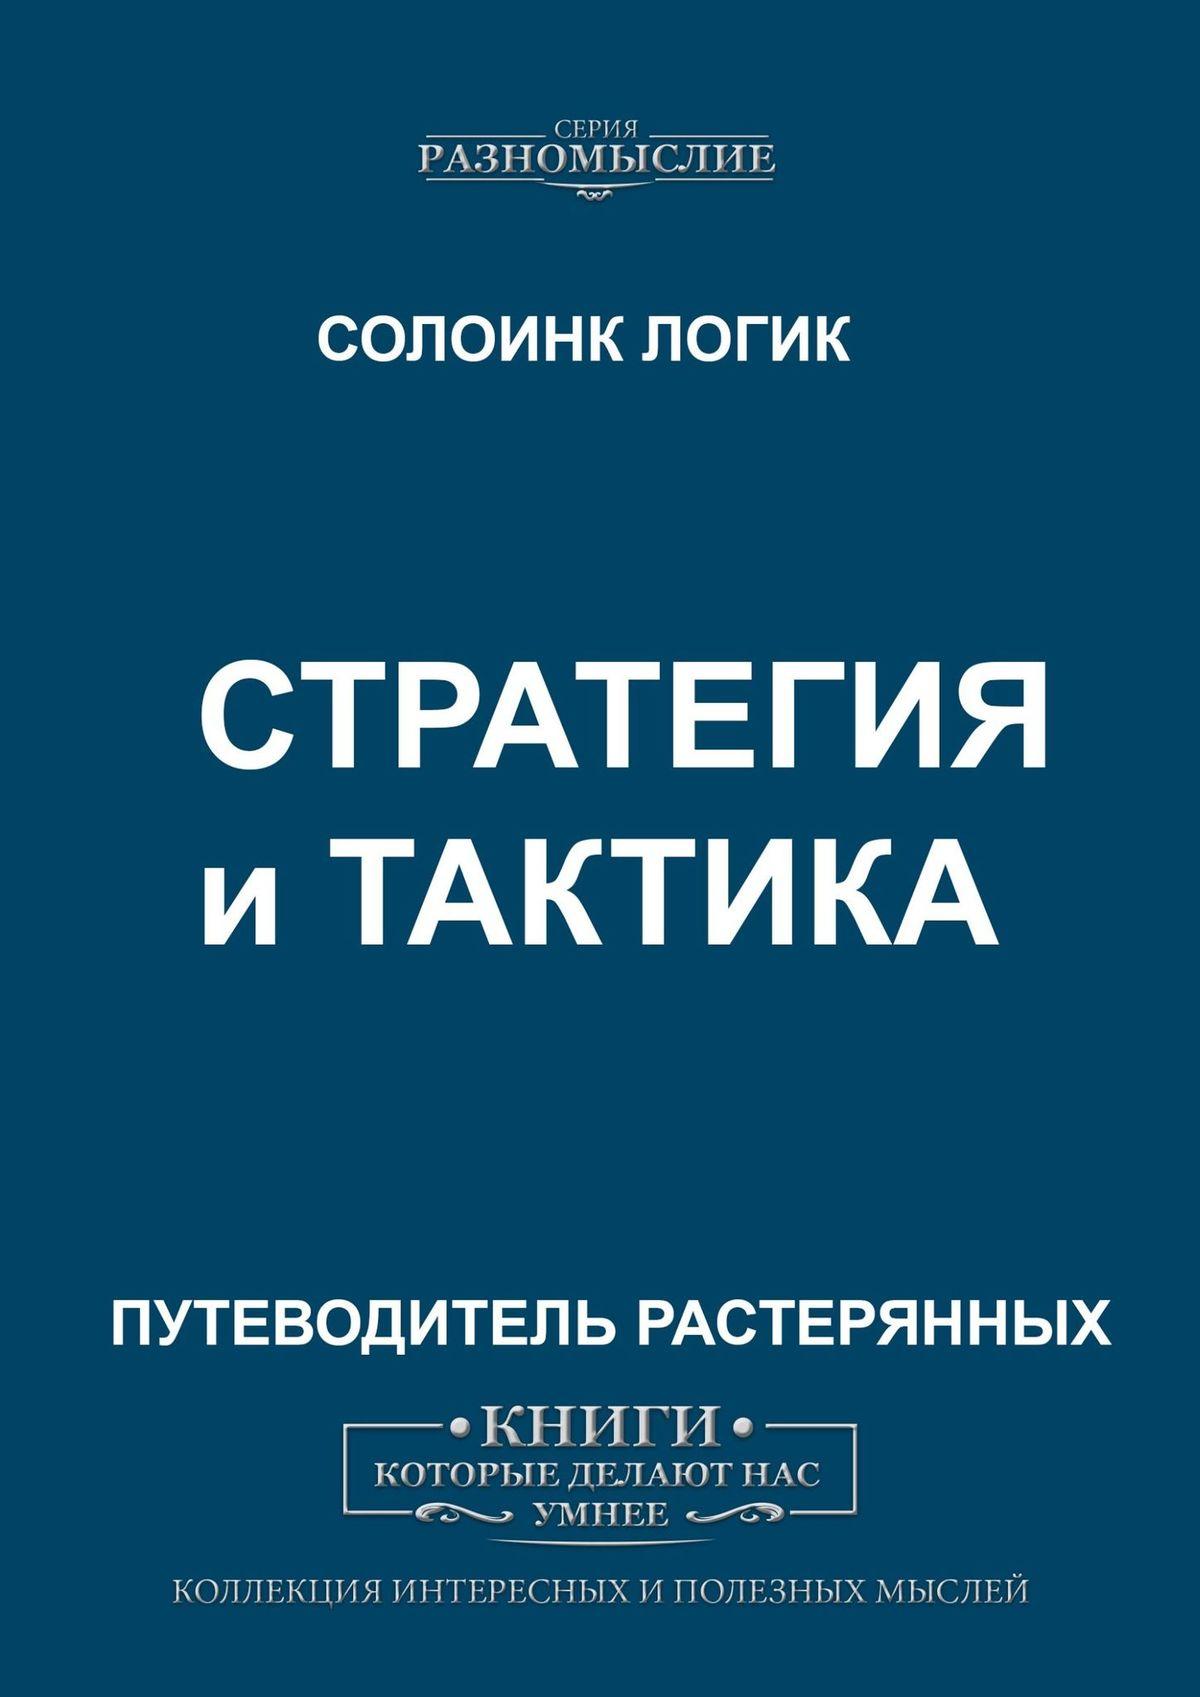 Солоинк Логик Стратегия итактика